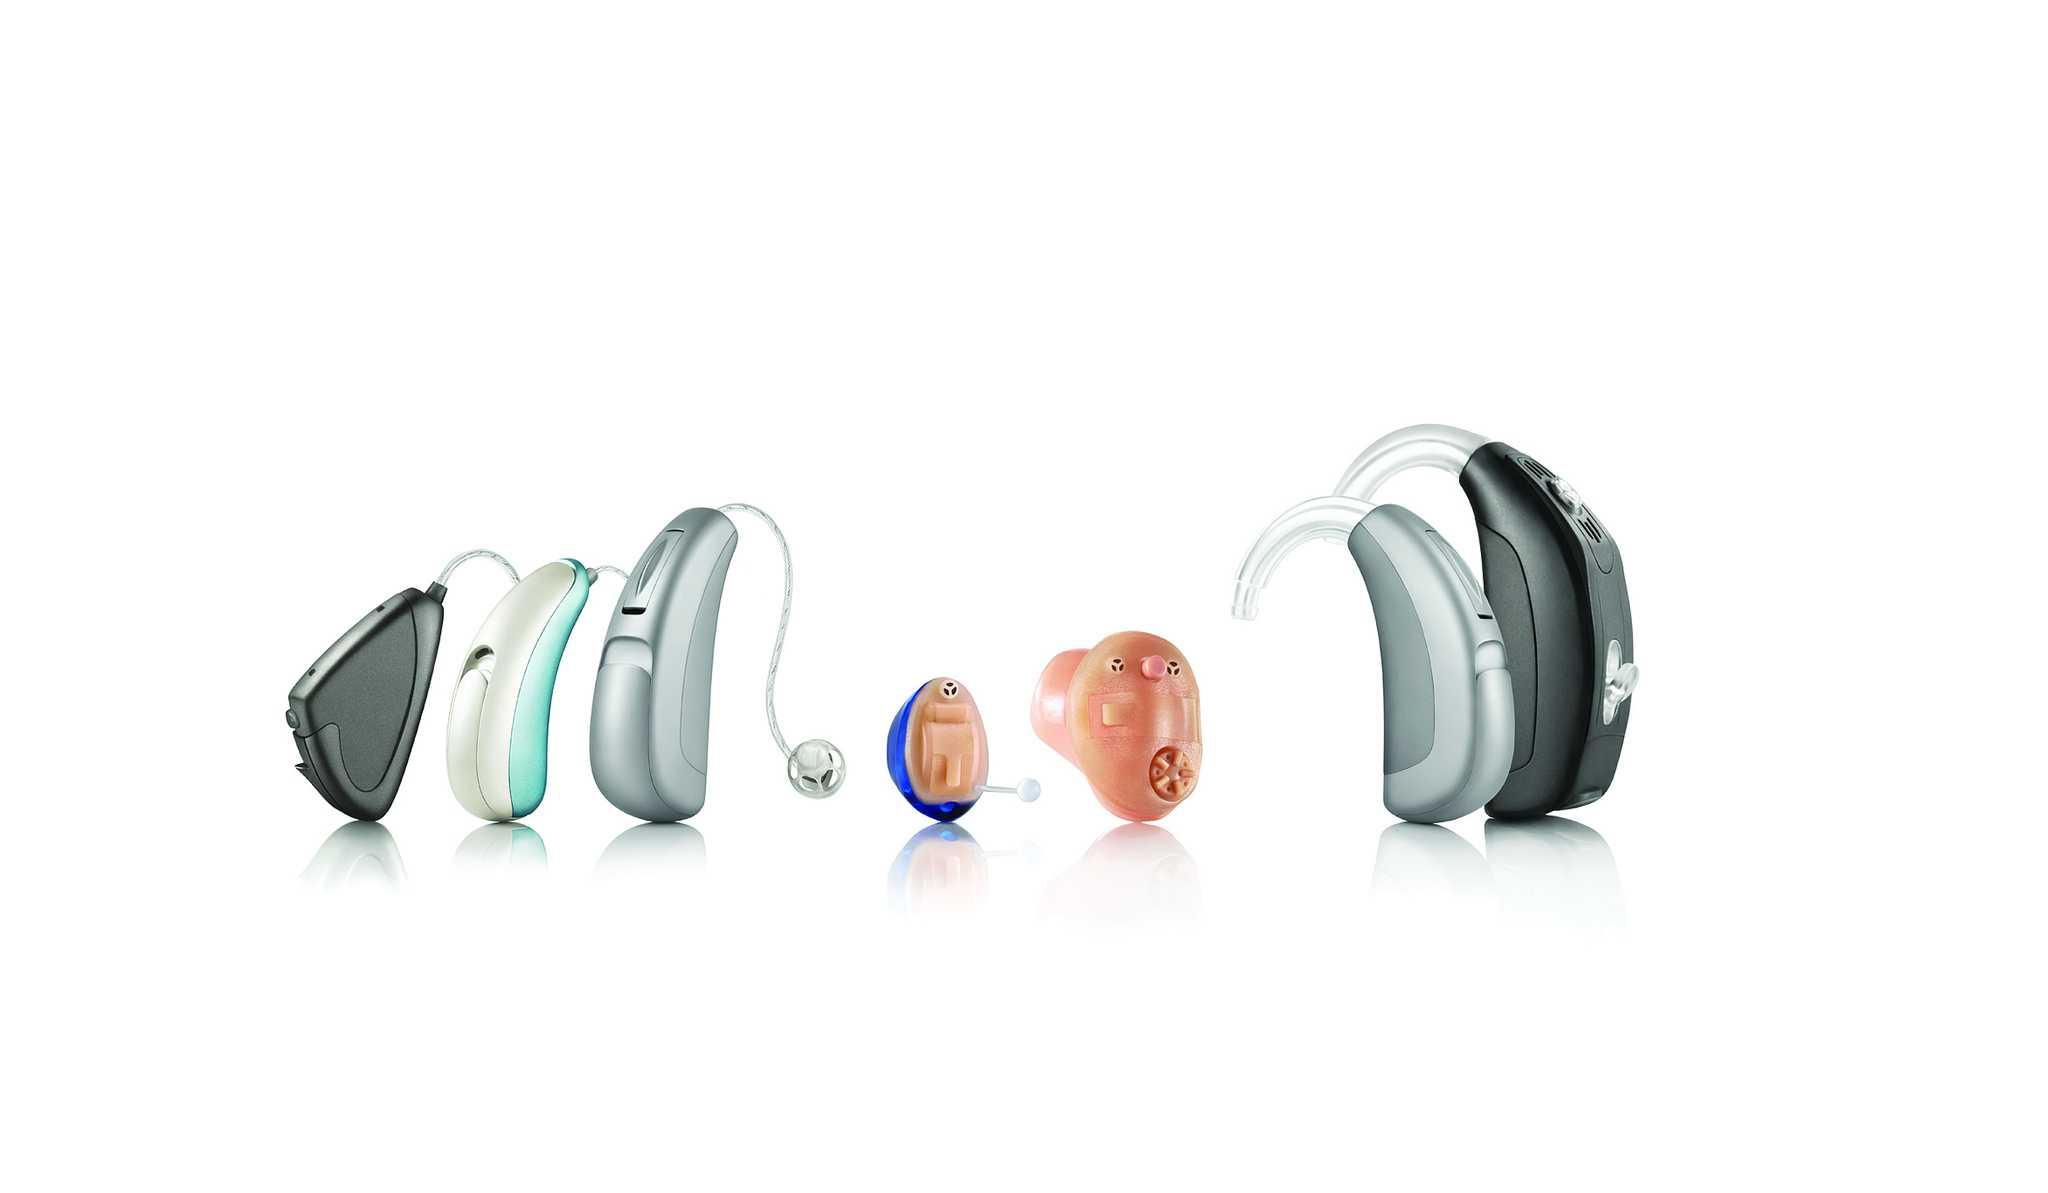 Слуховой аппарат - делаем из того что есть и имеем. - Форум - ESpec 19